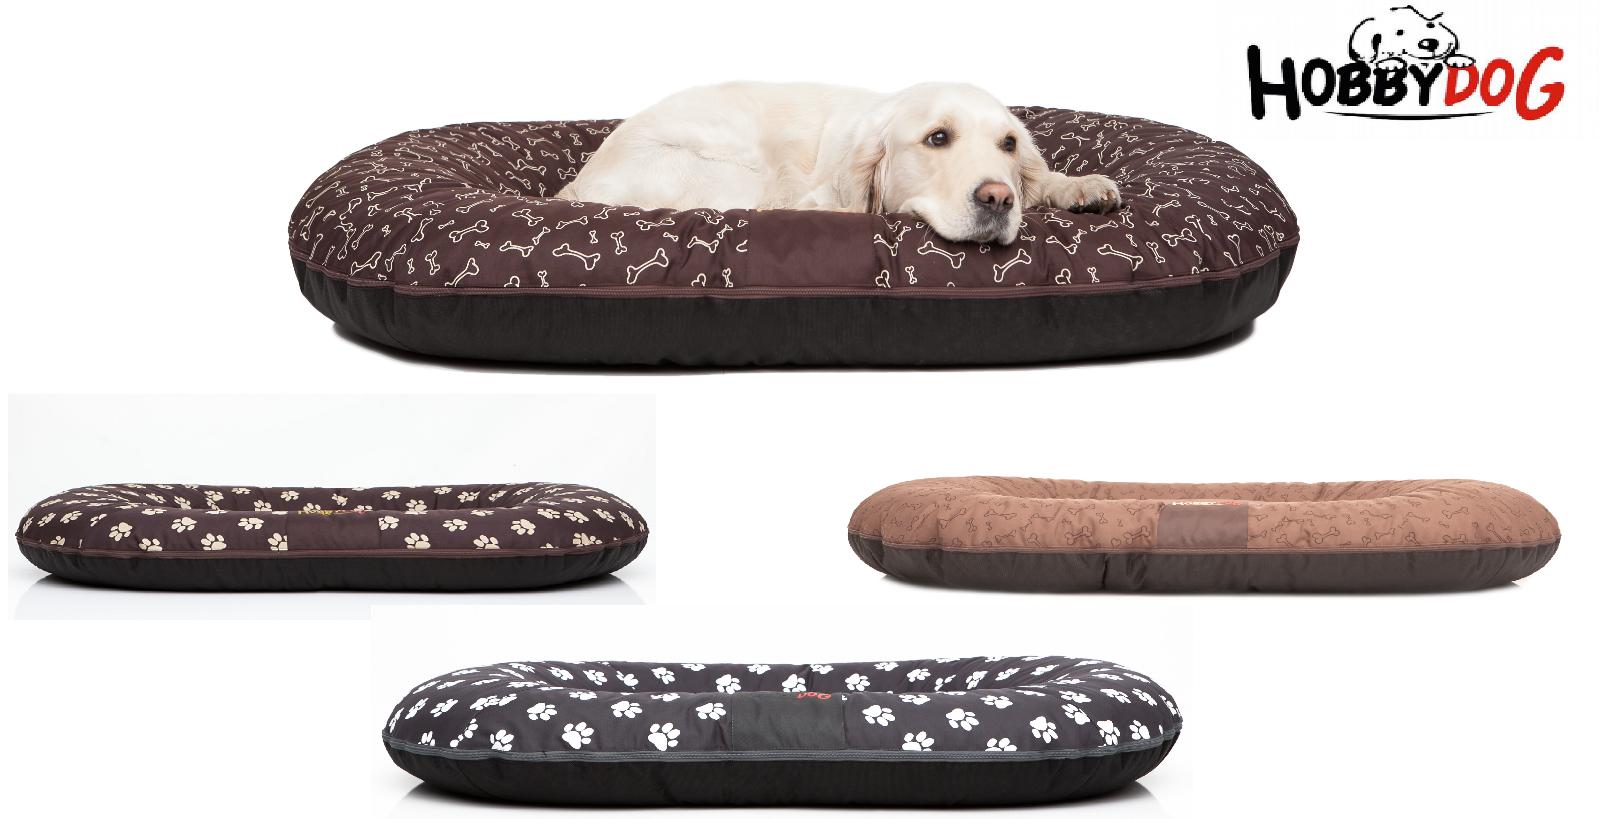 Hundebett PONTON HOBBYDOG Schlafplatz Tierbett Hundesofa Hundedecke Dimensione XXXL